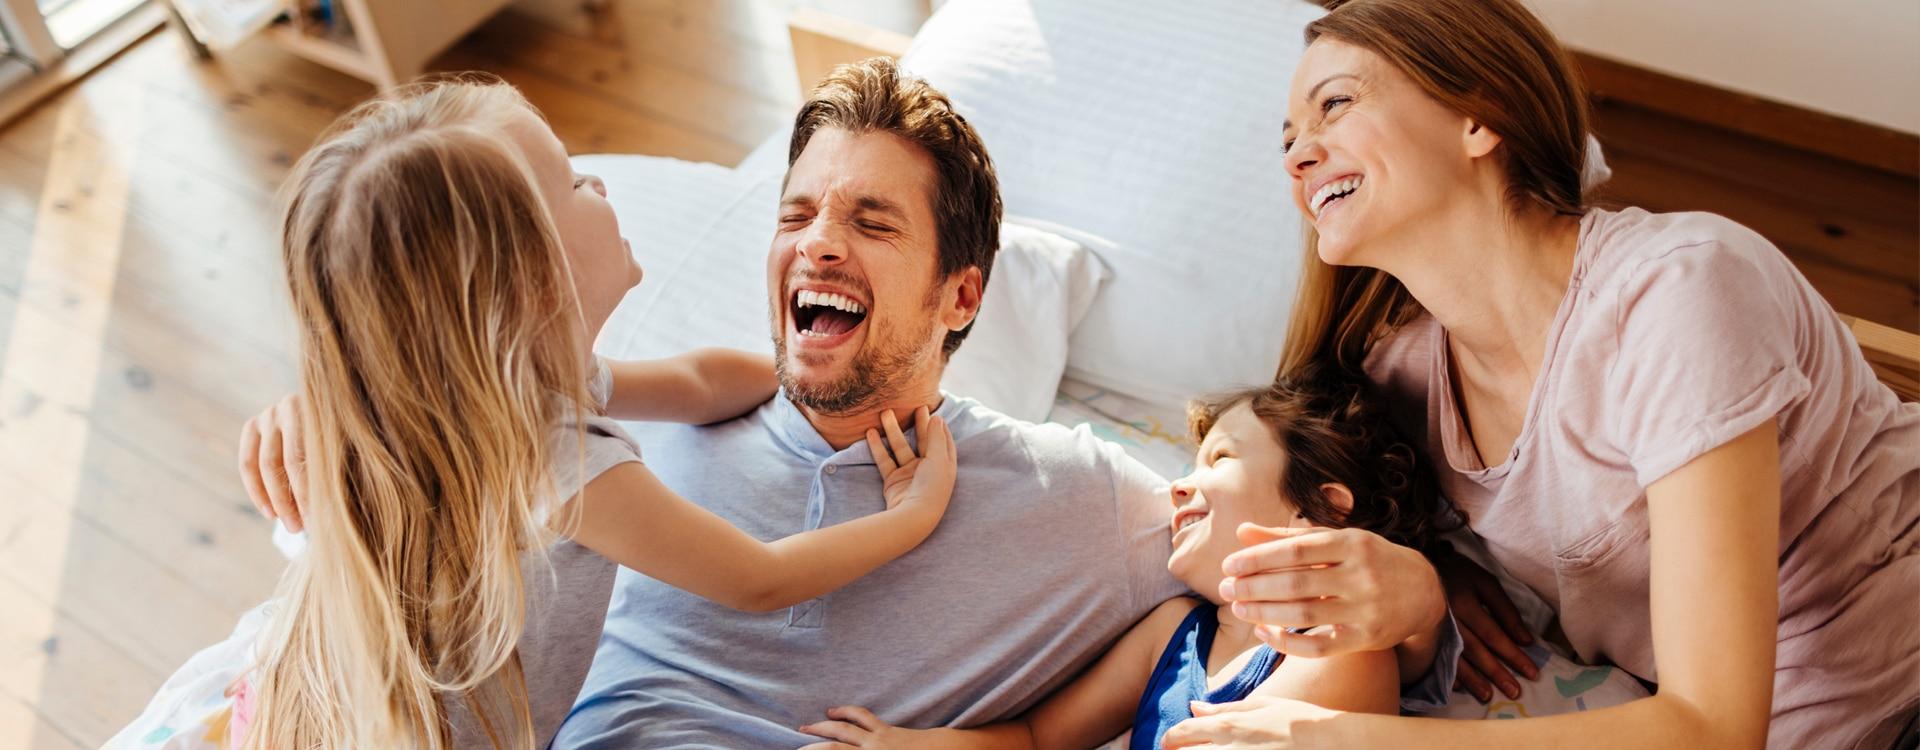 Livskvalitet og glæde – Vi hjælper dig af med smerten